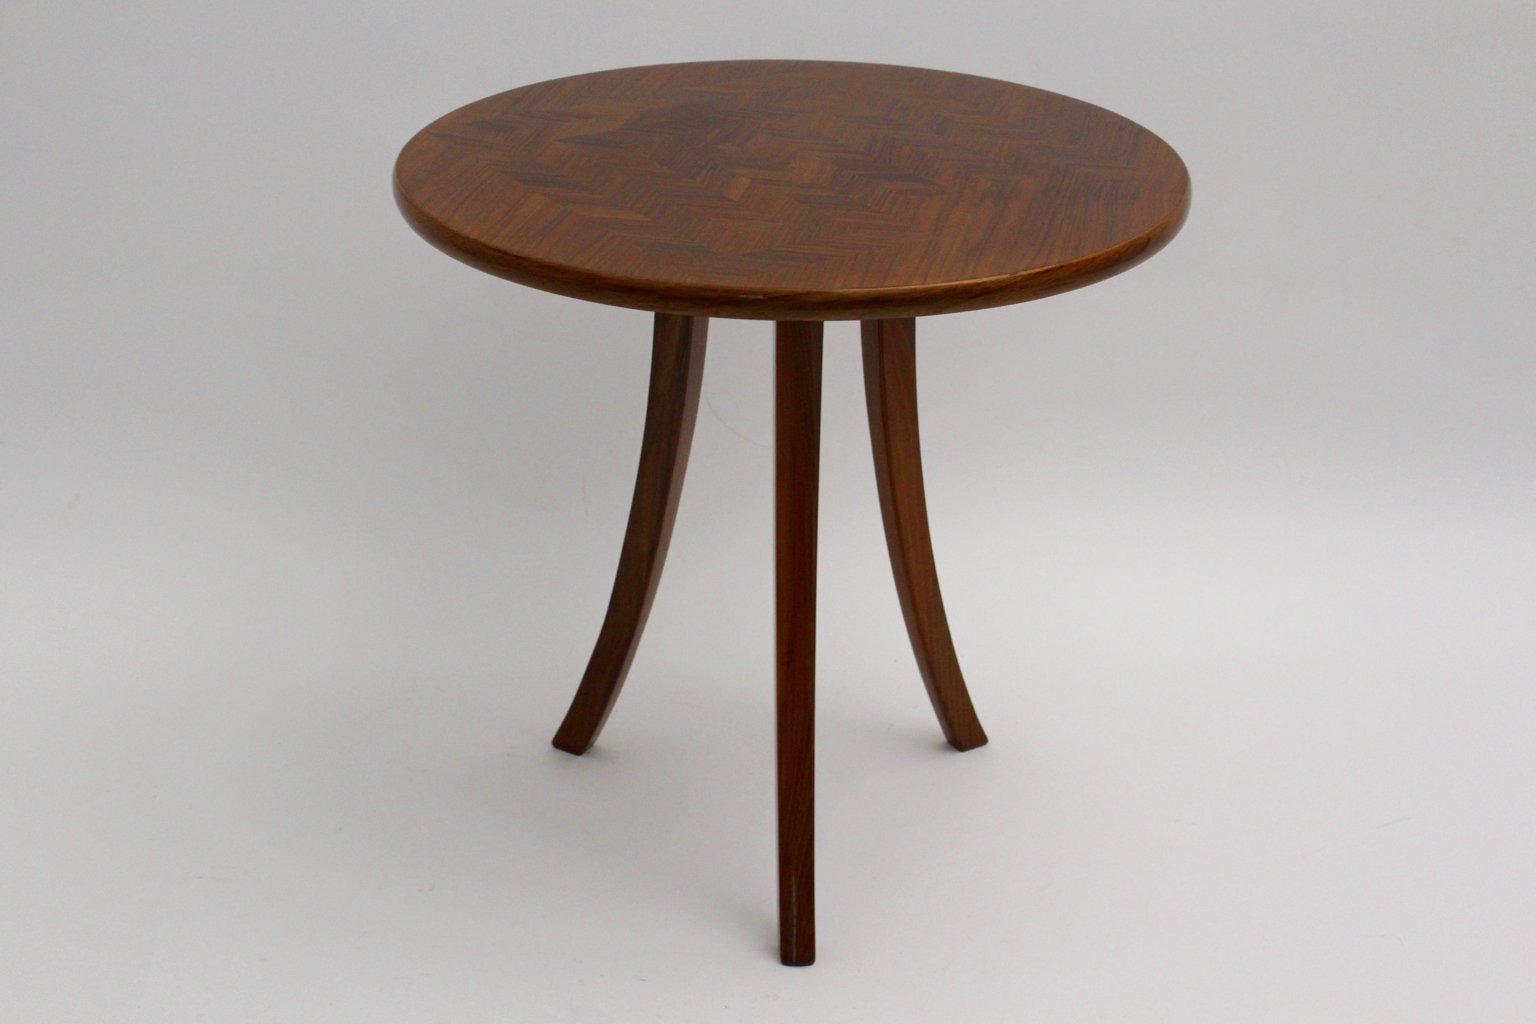 Table basse trois pieds art d co par josef frank pour - Table basse trois pieds ...